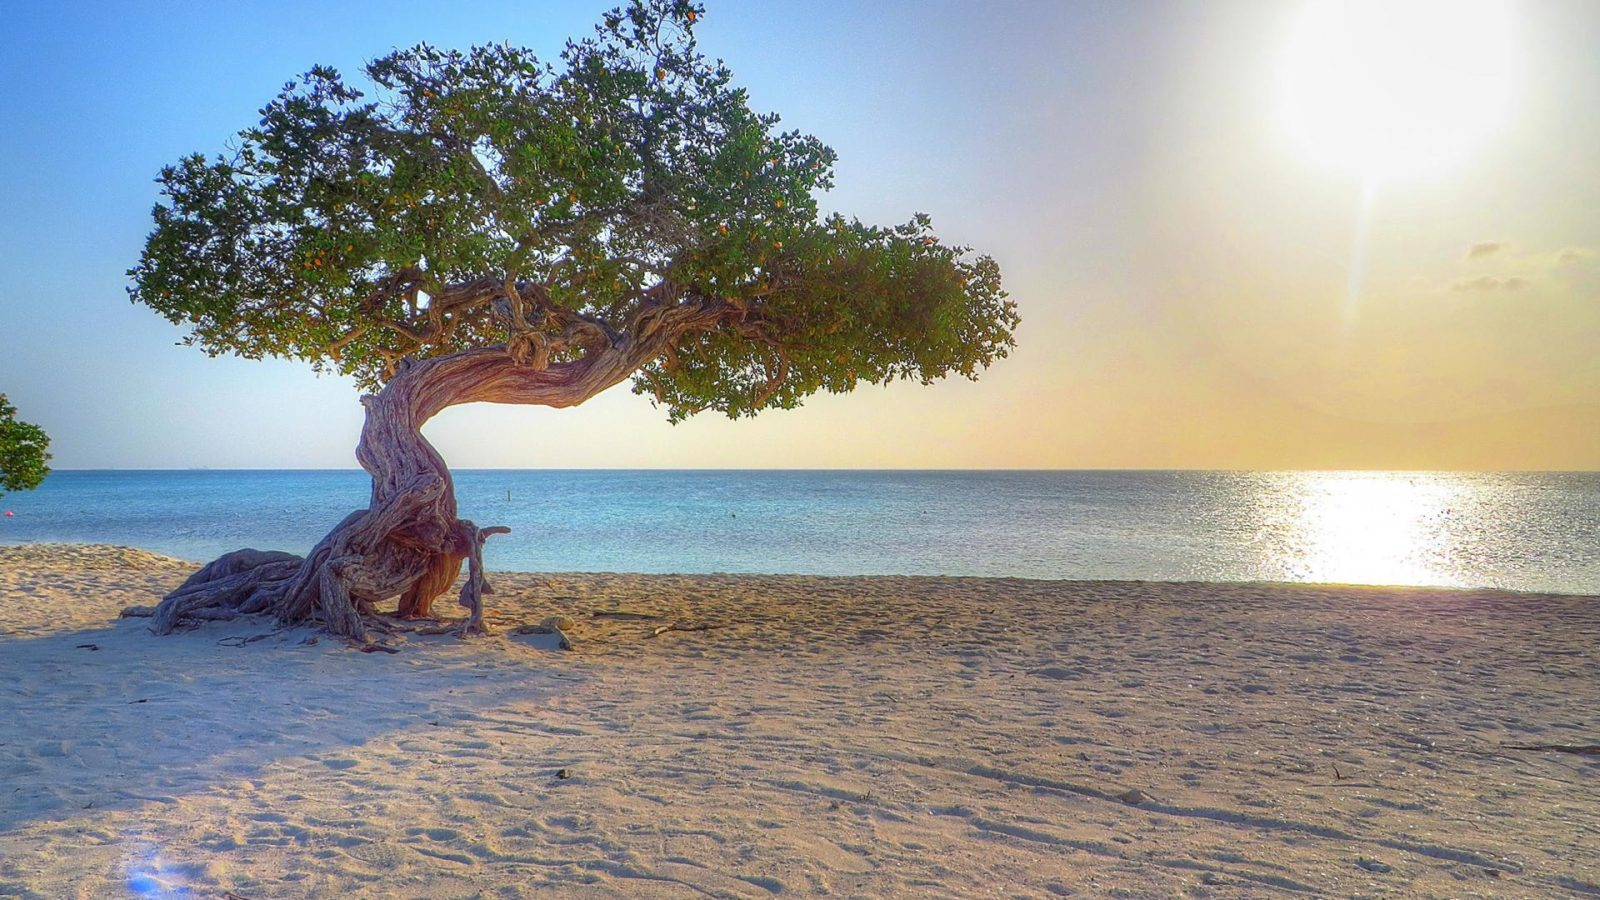 дерево Диви-Диви на пляже Игл-Бич в Арубе